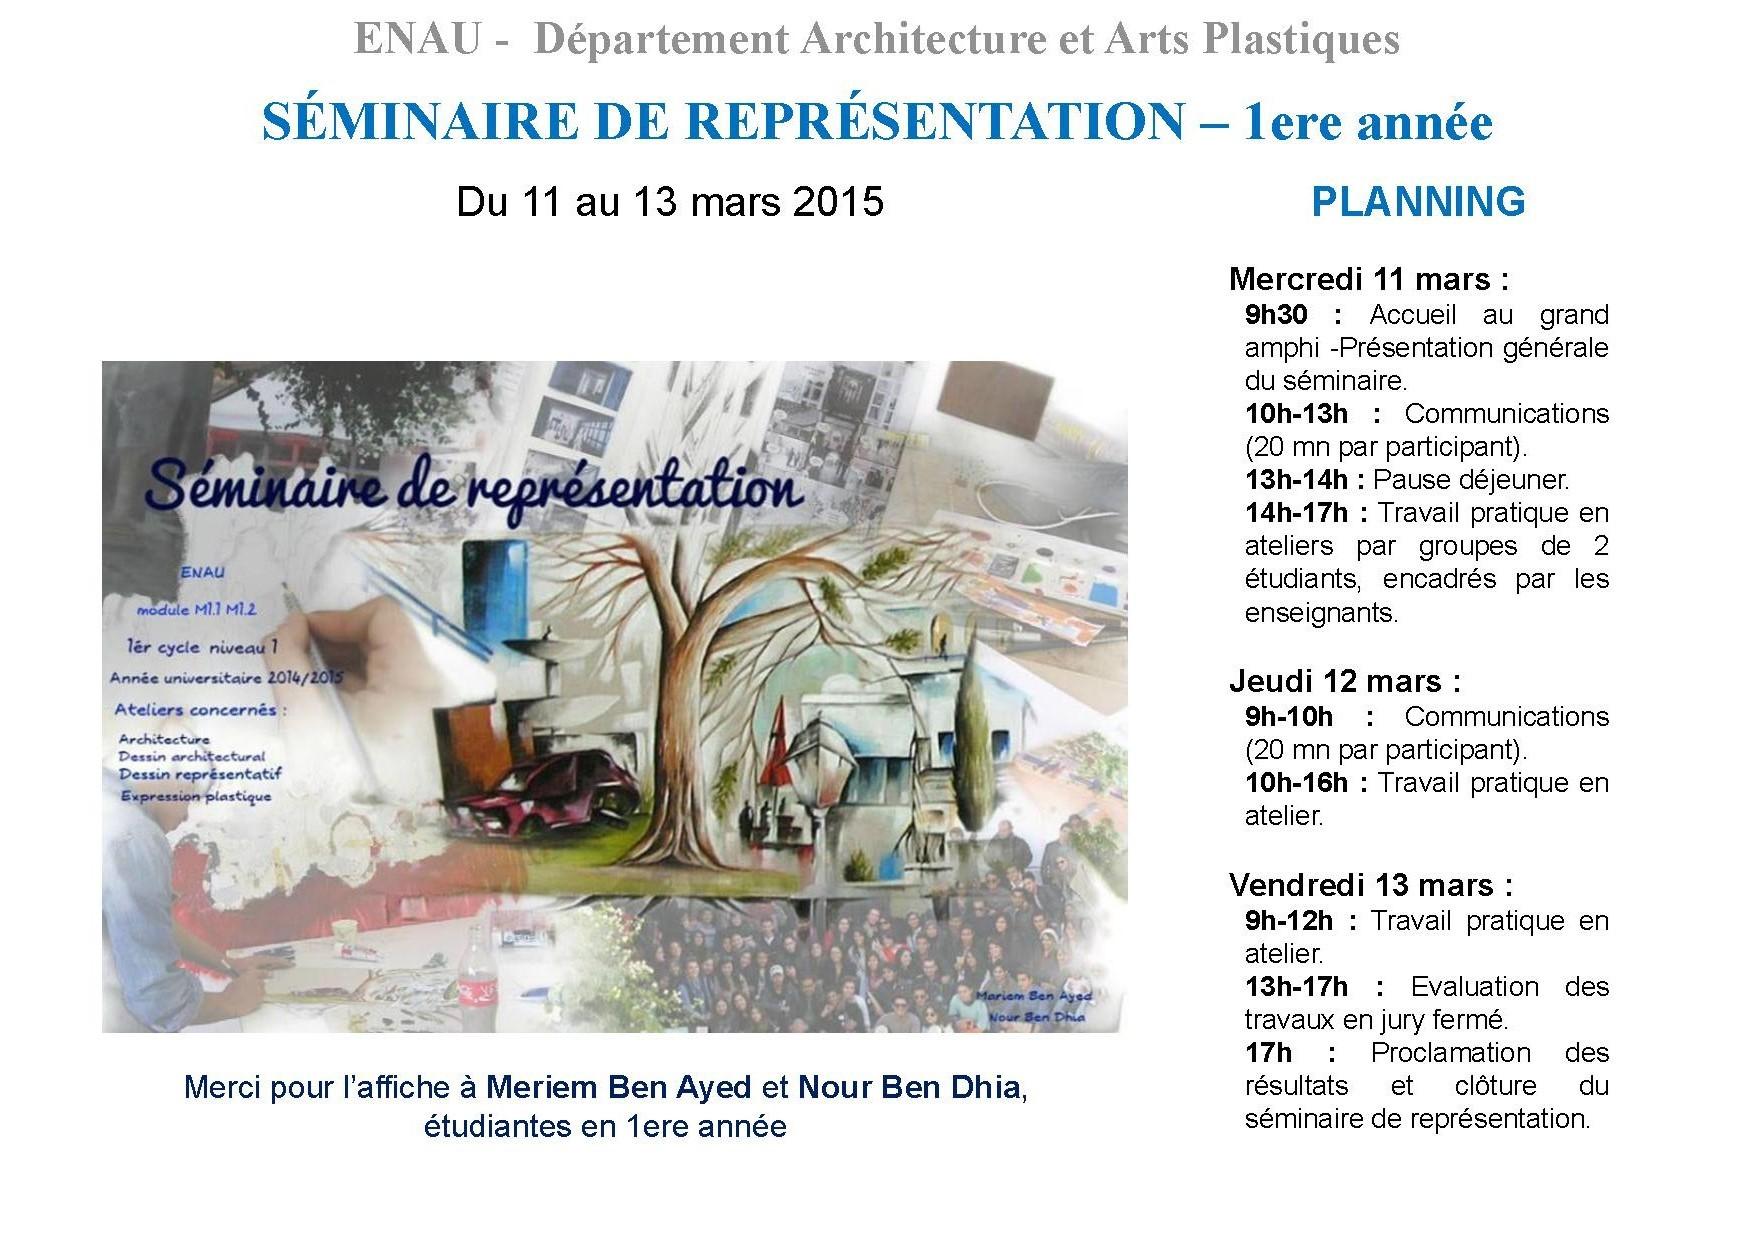 Annee Universitaire 2014 2015 Site Officiel Provisoire De L Enau